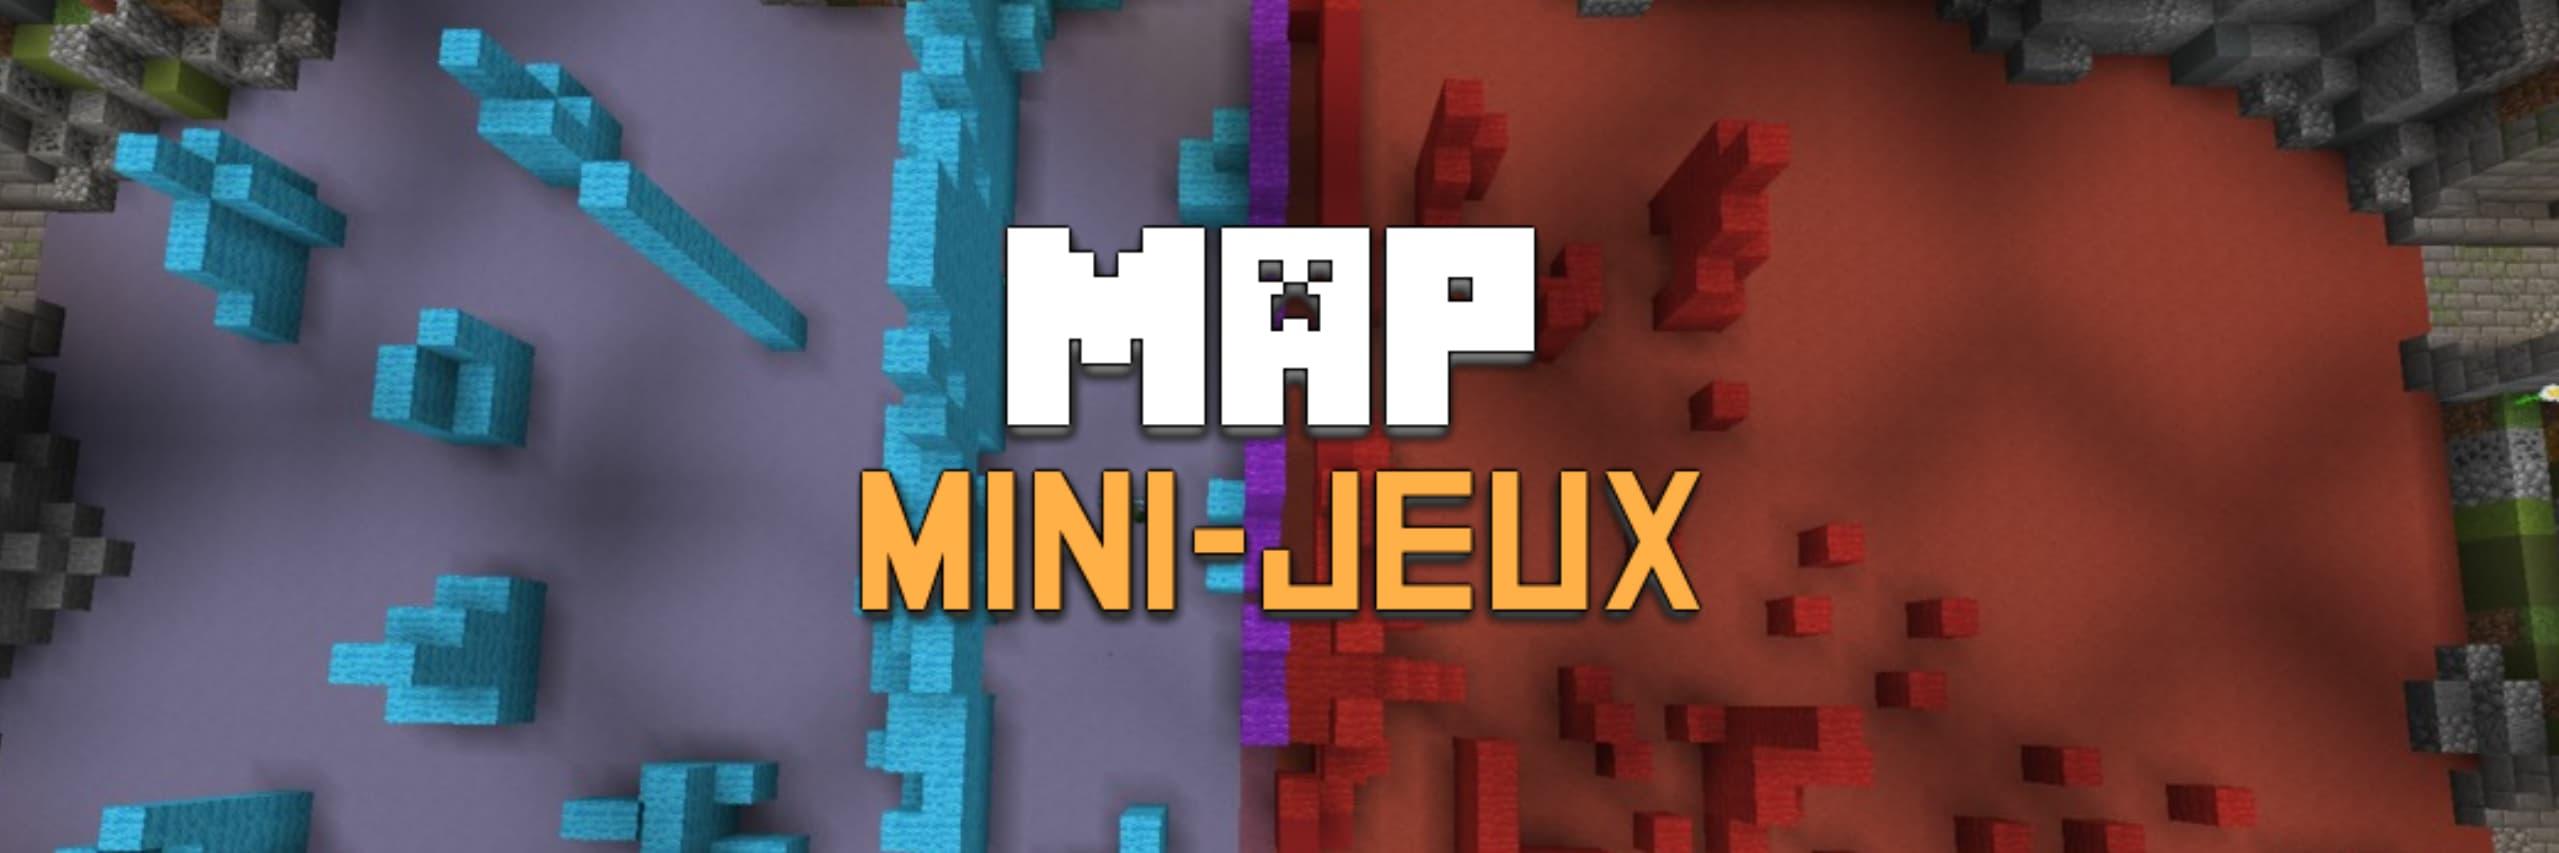 mini jeux minecraft